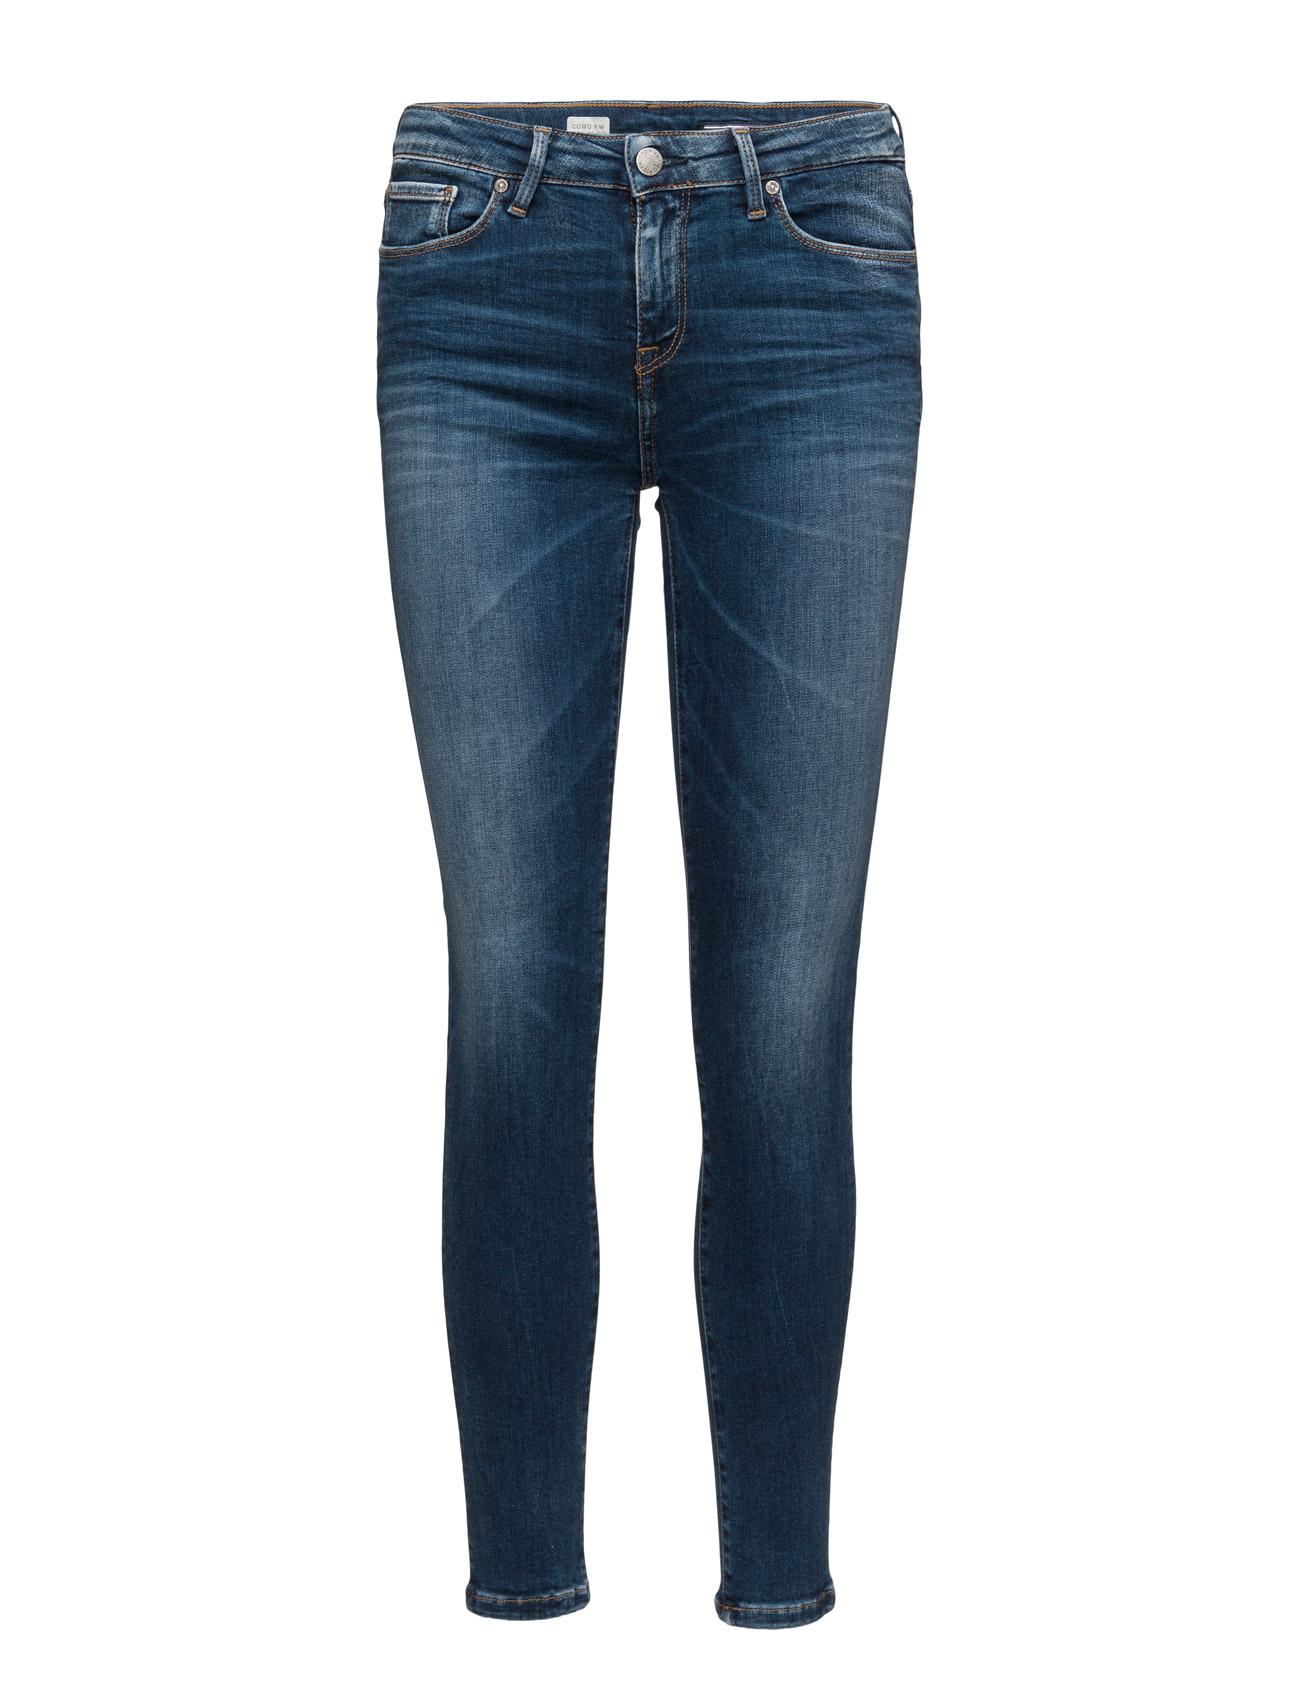 5a827b77 Tommy Hilfiger skinny jeans – Heritage Como Skinny til dame i DOREEN ...